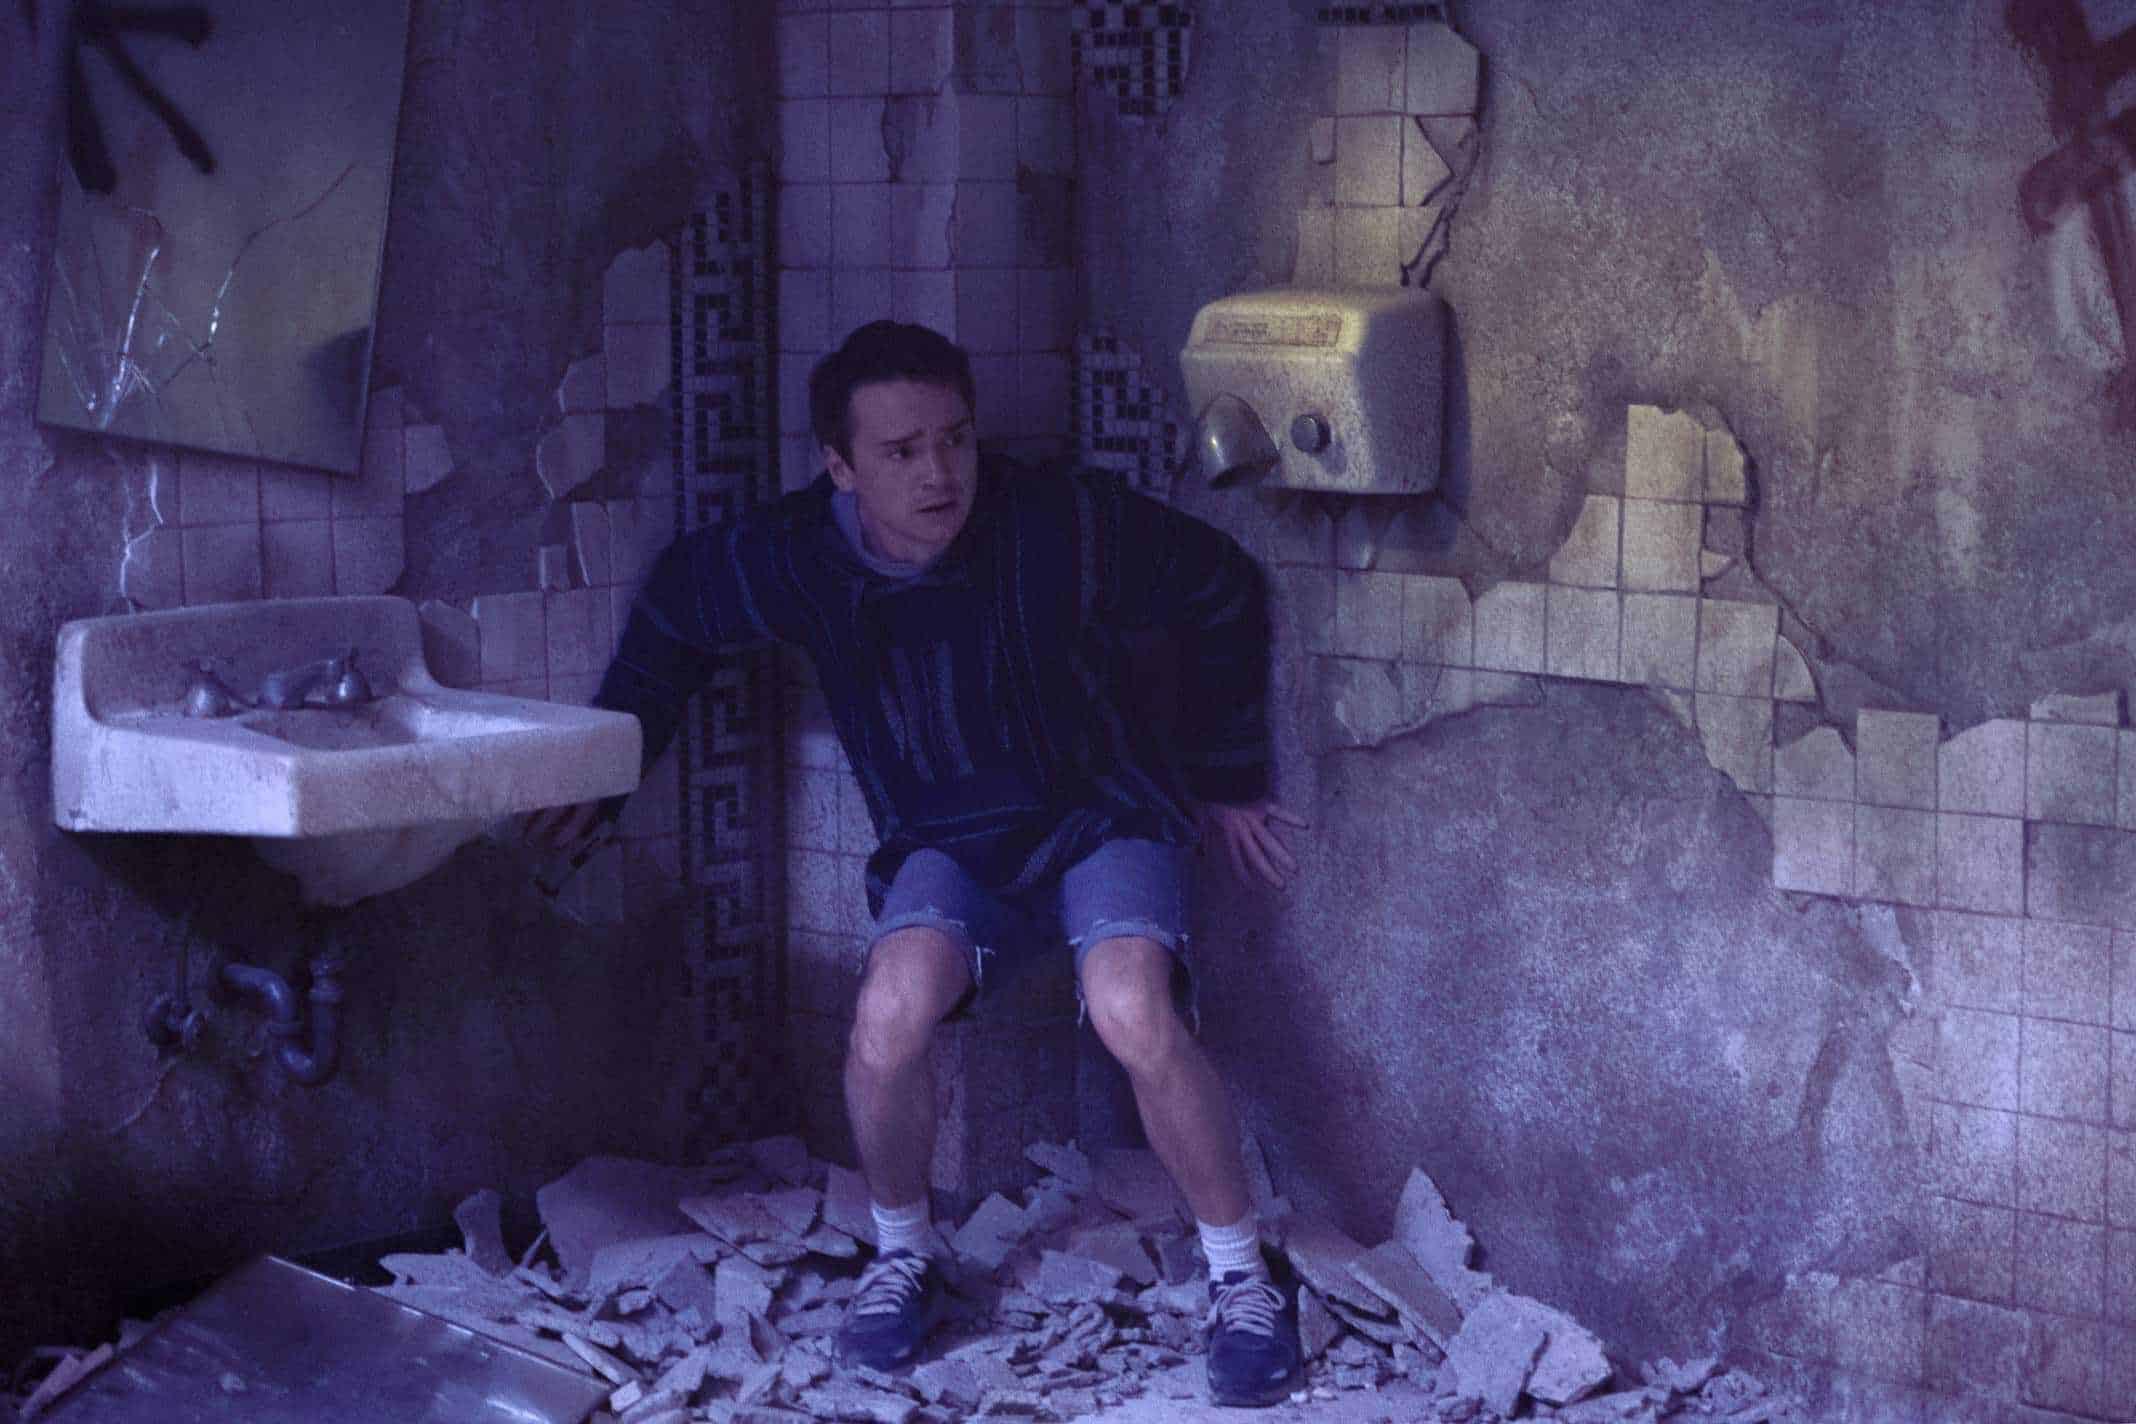 Ian (Dan Byrd) in a terrible looking bathroom.